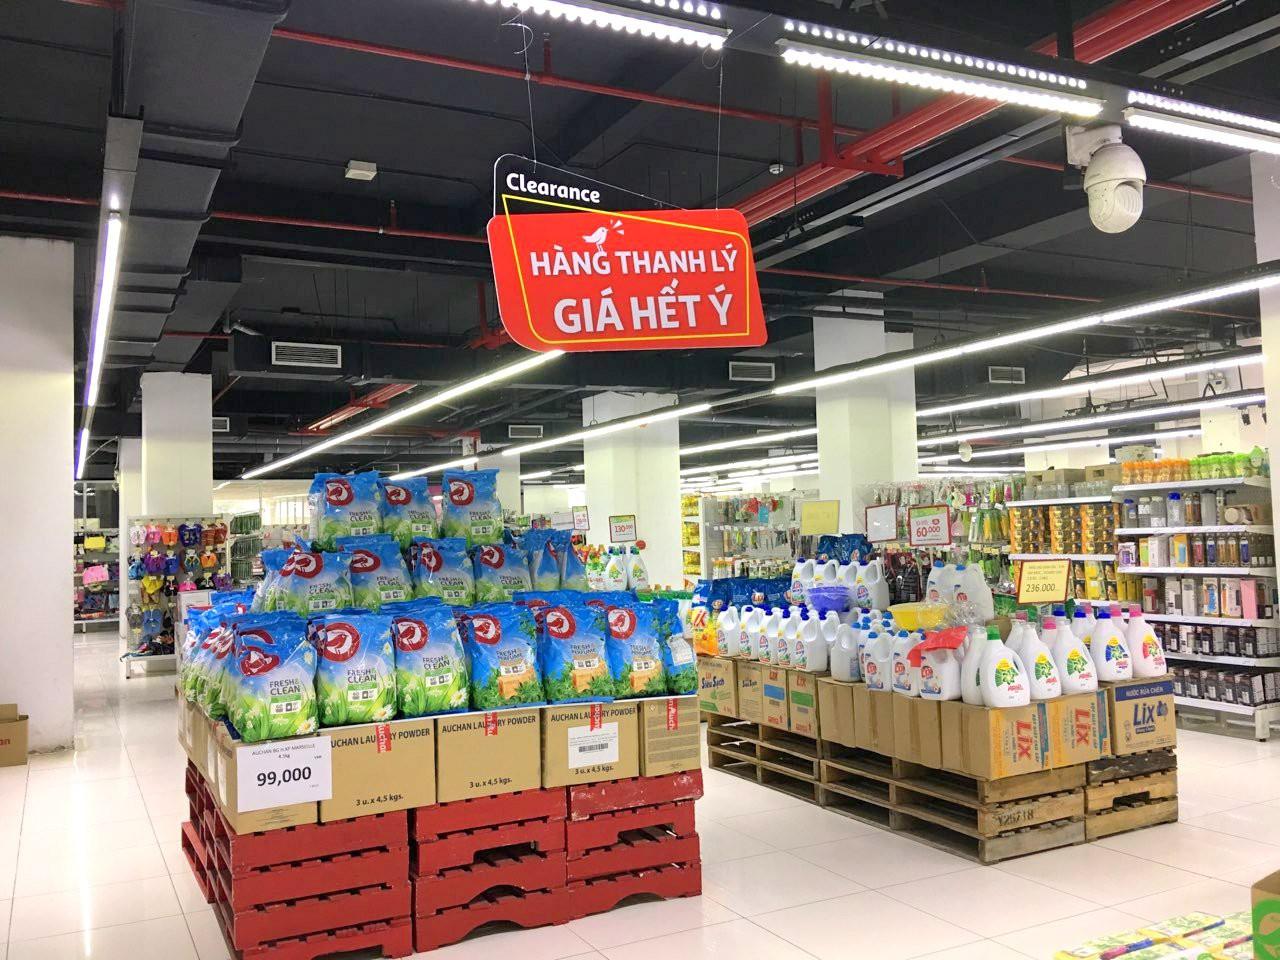 18 siêu thị Auchan tại Việt Nam sẽ sang tên đổi chủ vào thời điểm nào?  - Ảnh 1.